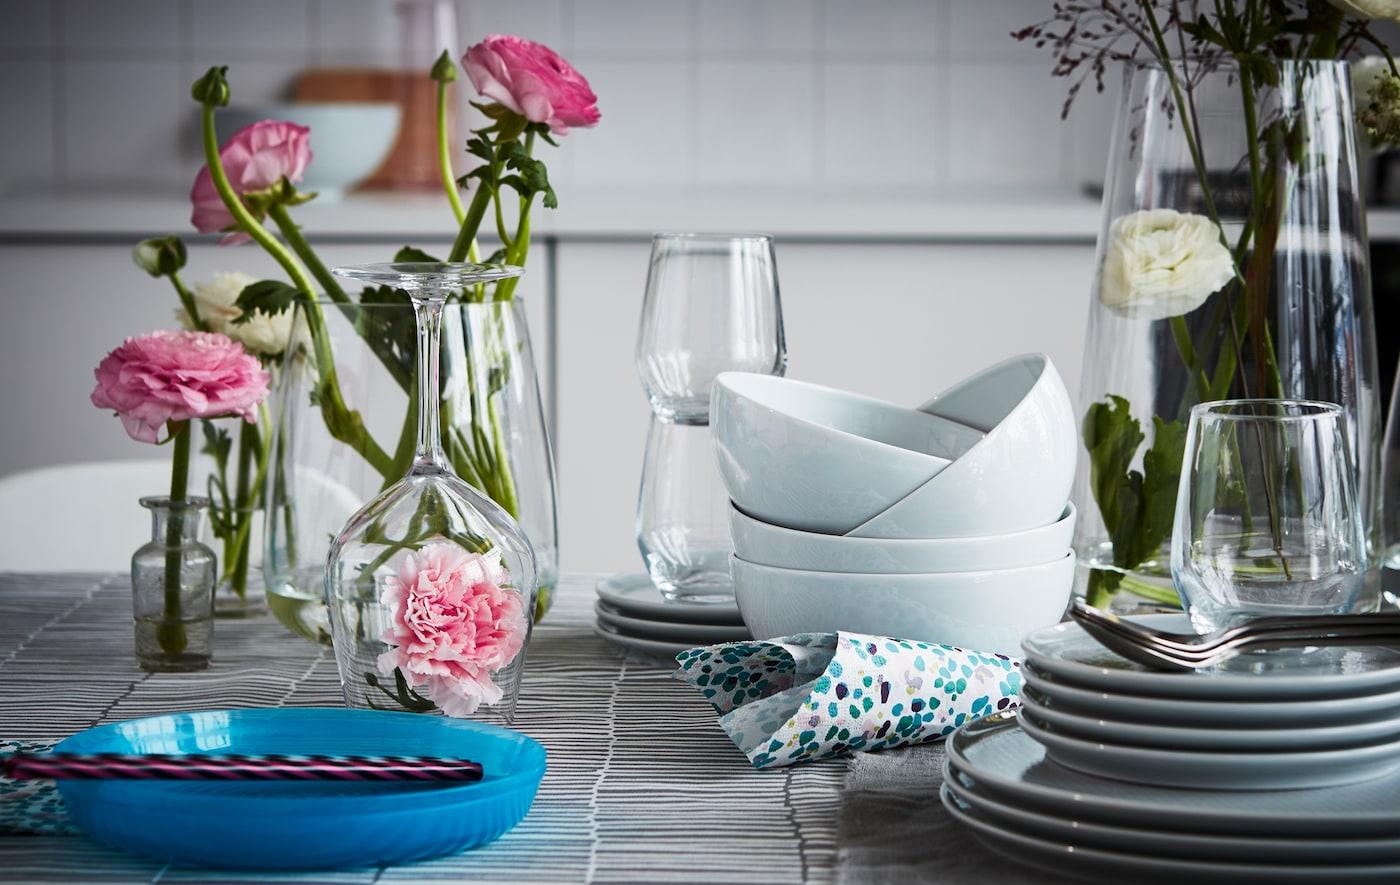 Mit einer Mischung aus modernem Geschirr, Besteck und tollen Weingläsern kommen ganz neue Farbtöne am Tisch auf. Bei IKEA findest du eine Menge Gläser, wie z. B. IVRIG Weingläser aus Klarglas.